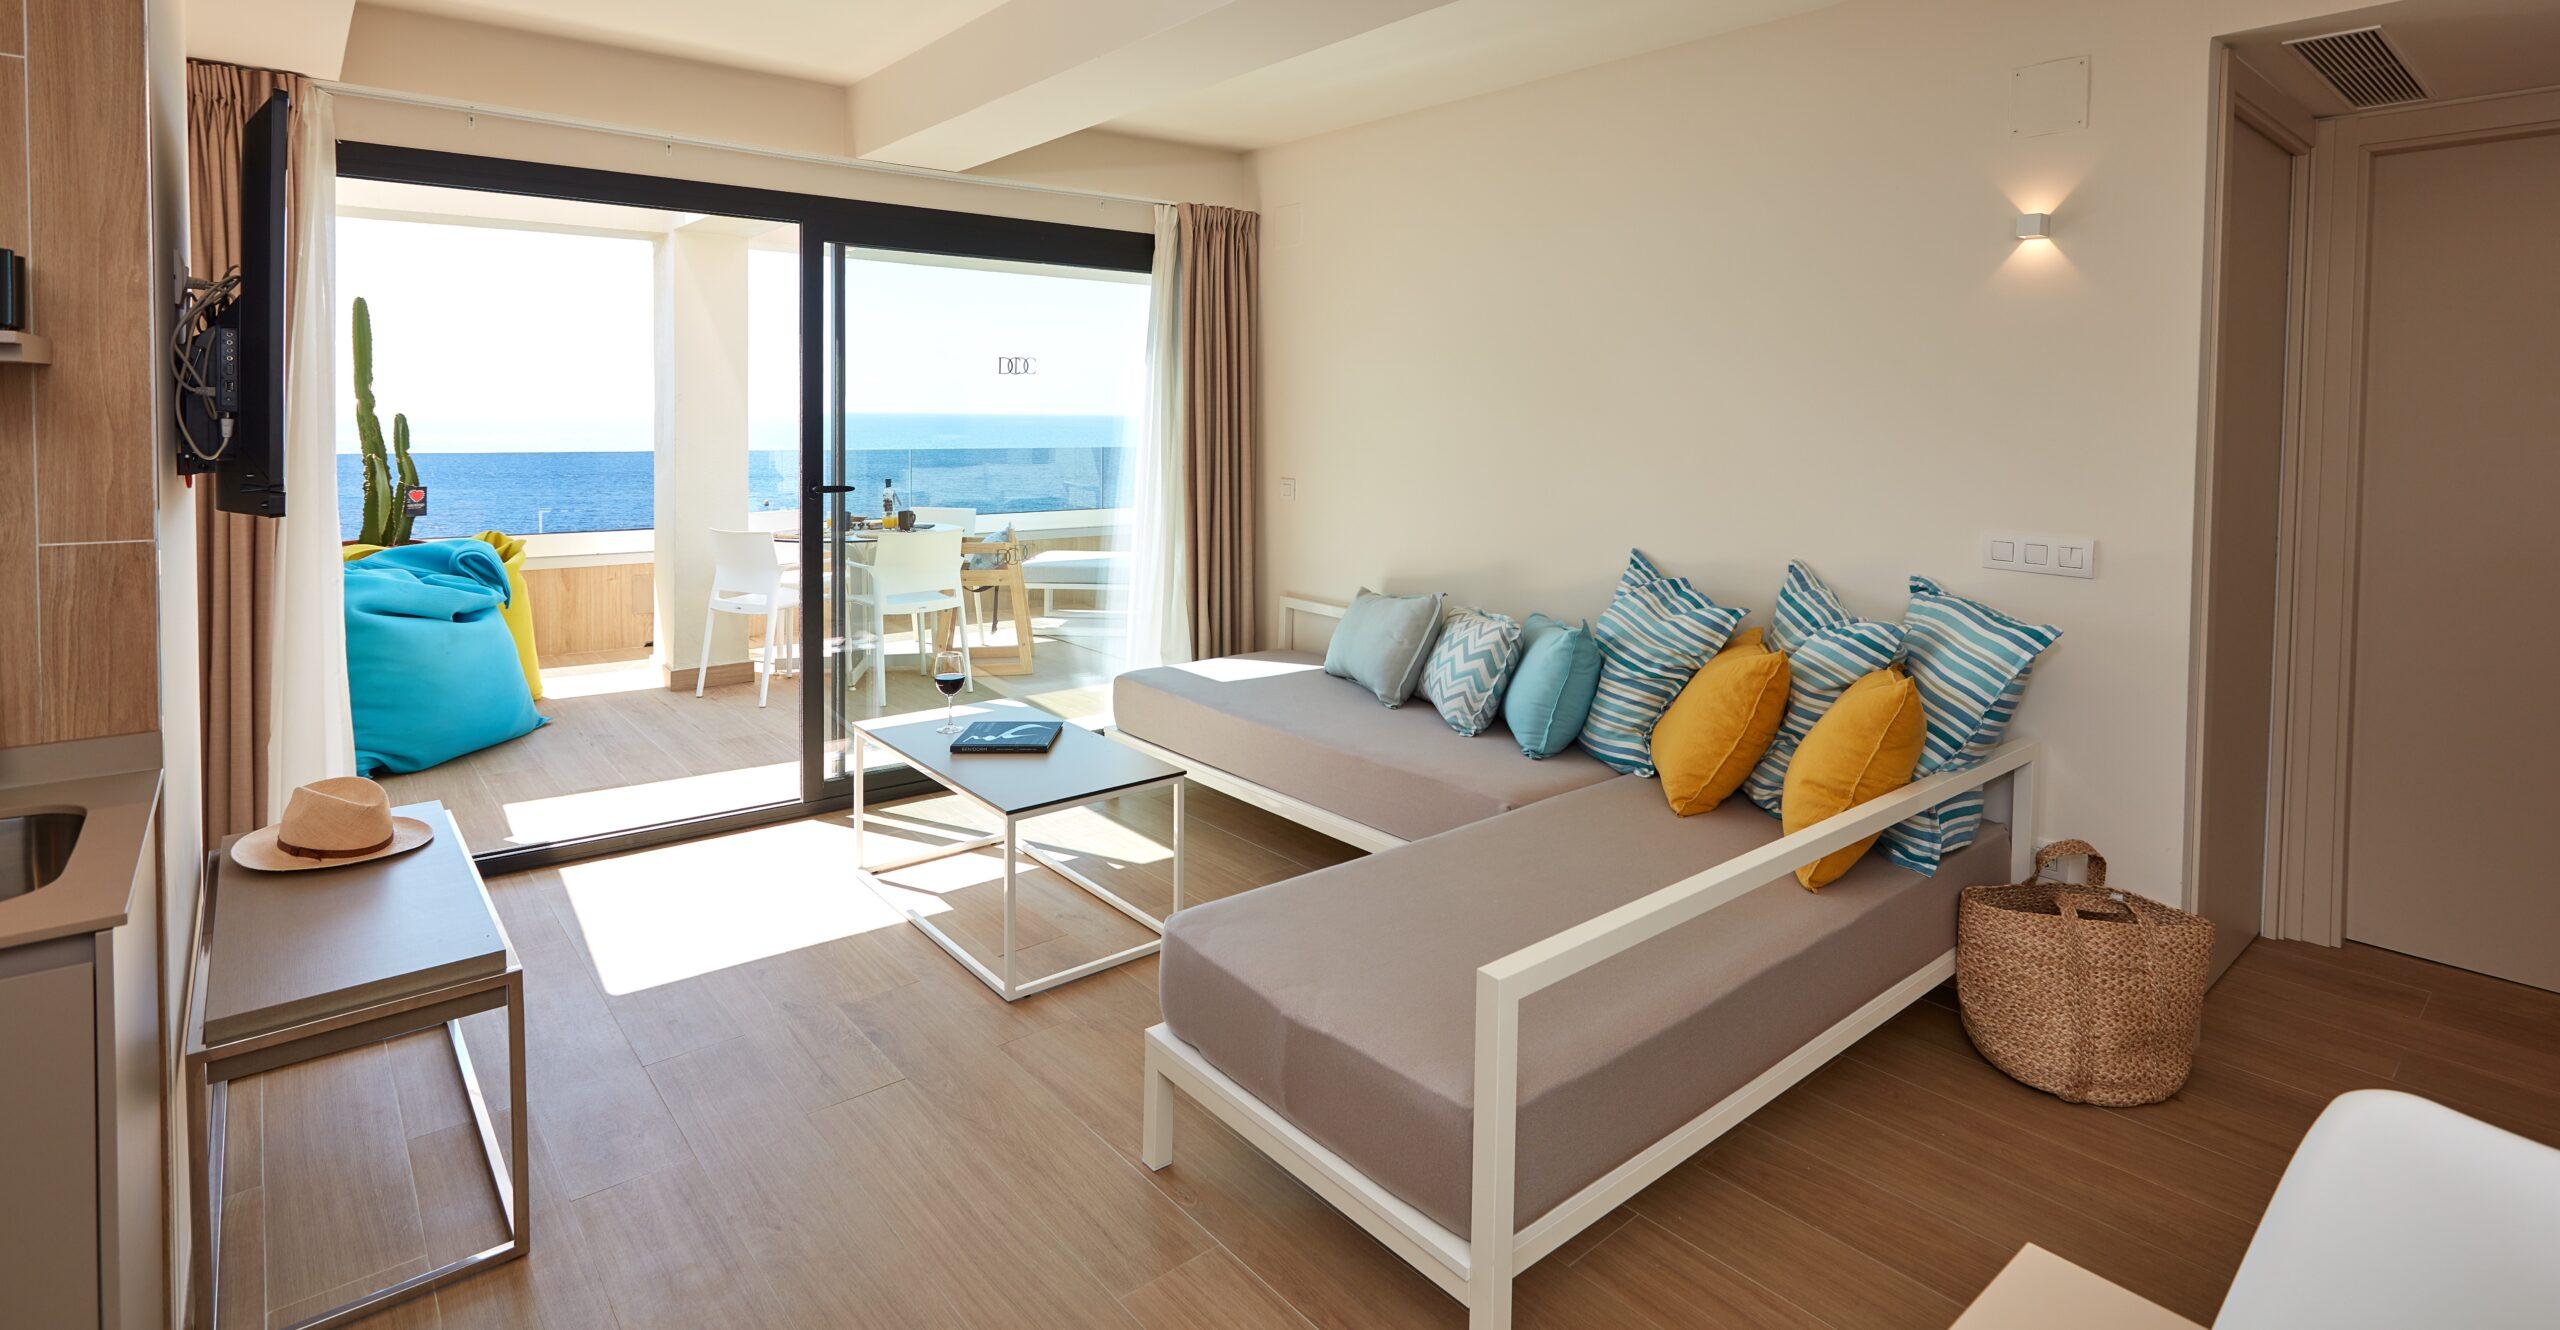 Habitaciones con vistas al mar en Benidorm